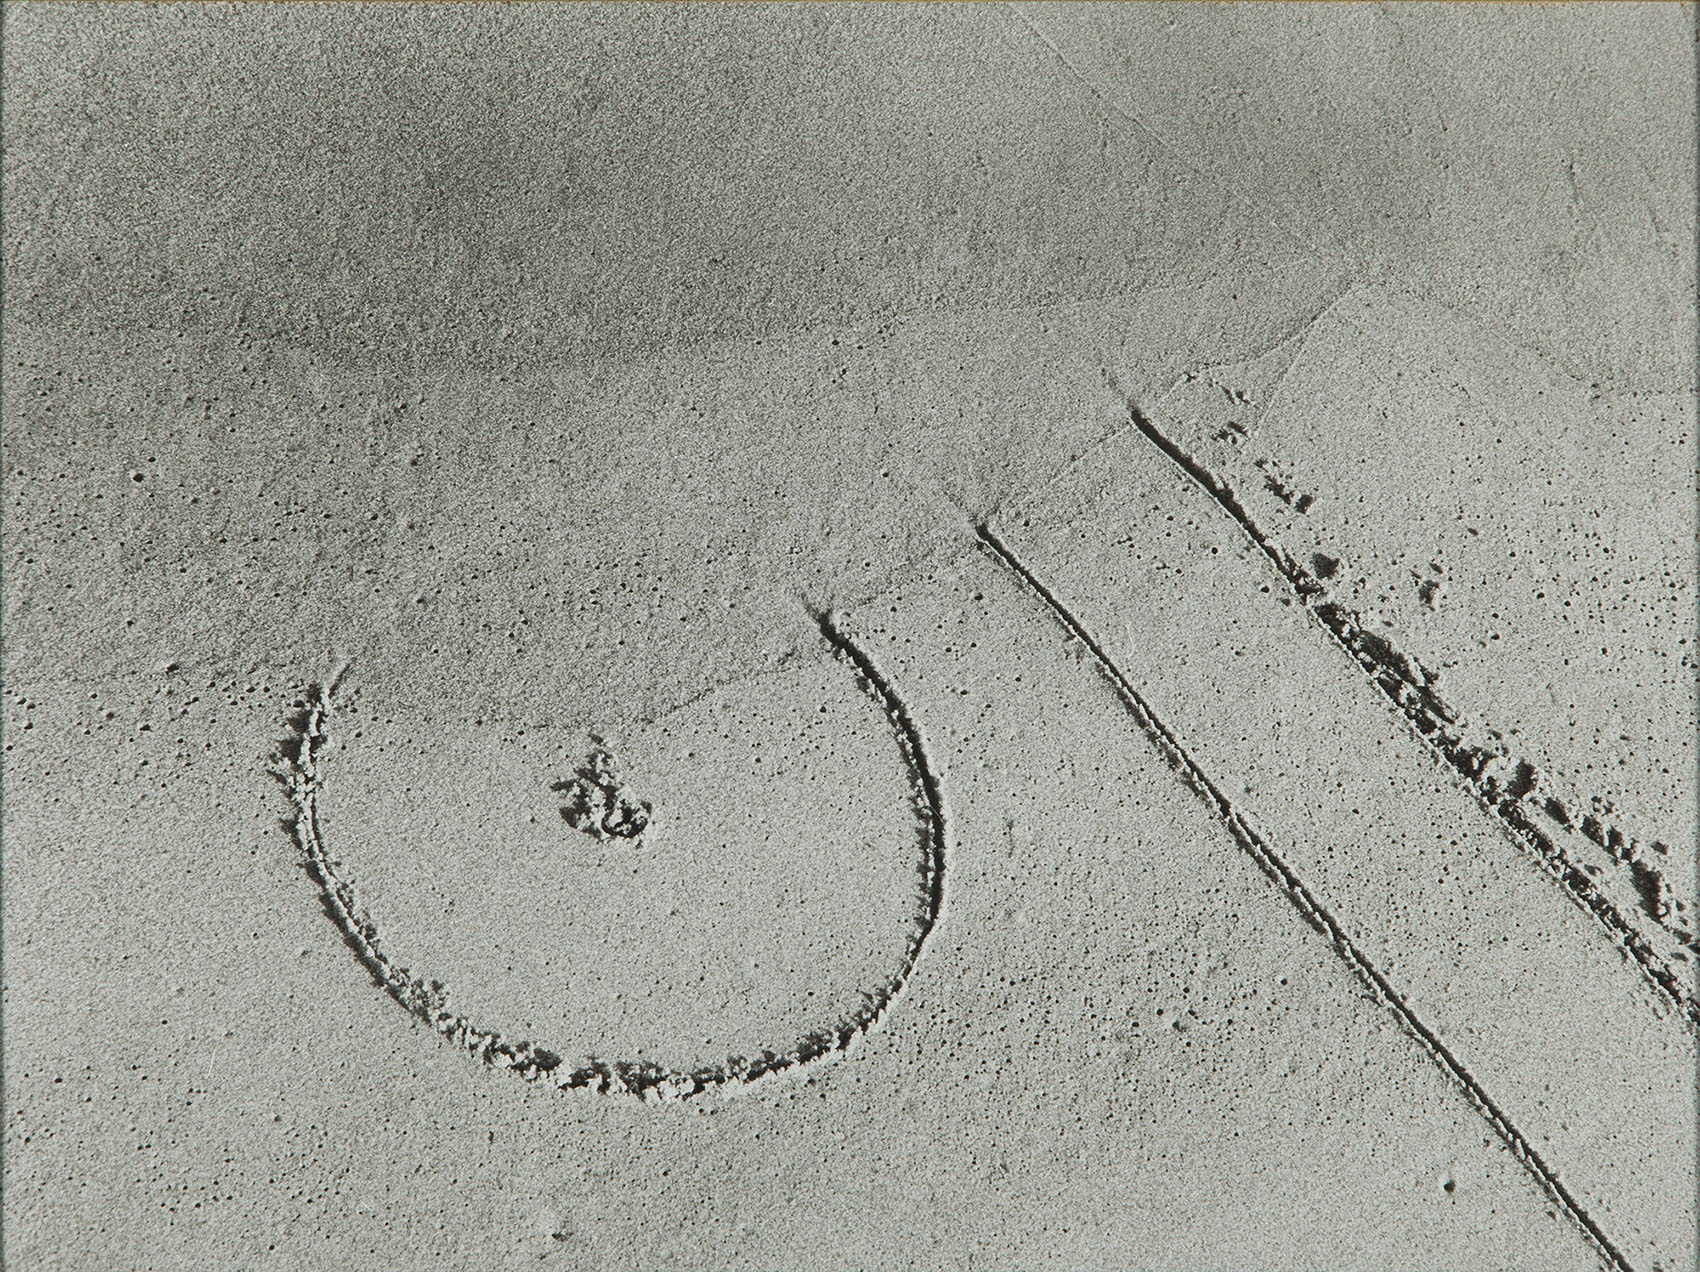 Zygmunt Rytka, Obiekty chwilowe, 1992, źródło: DESA Unicum